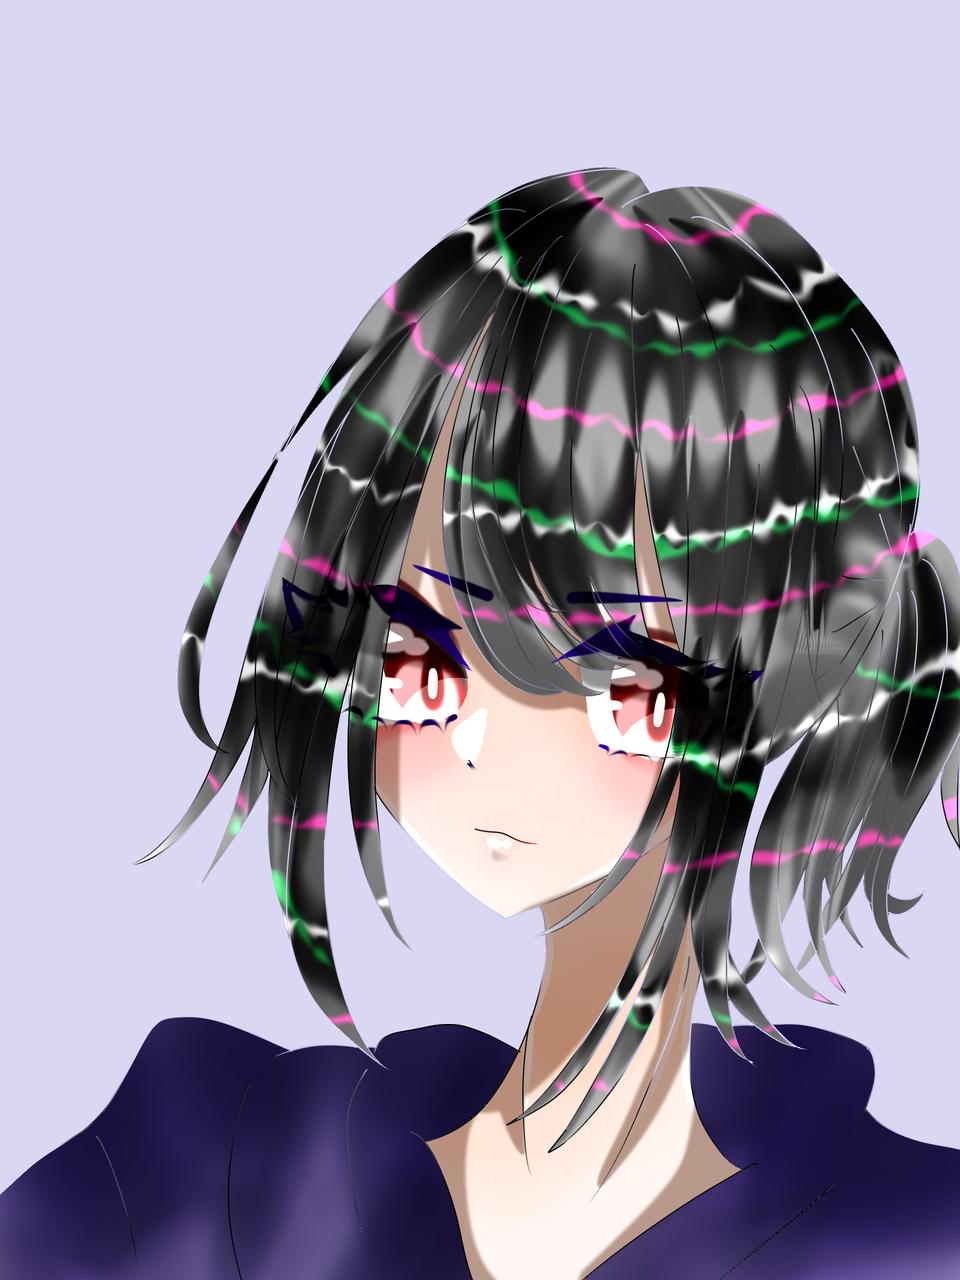 女の子ぉぉお!!!おぉおー!!! Illust of 如月来蕾 medibangpaint girl 紺 oc hoodie 醤油 black